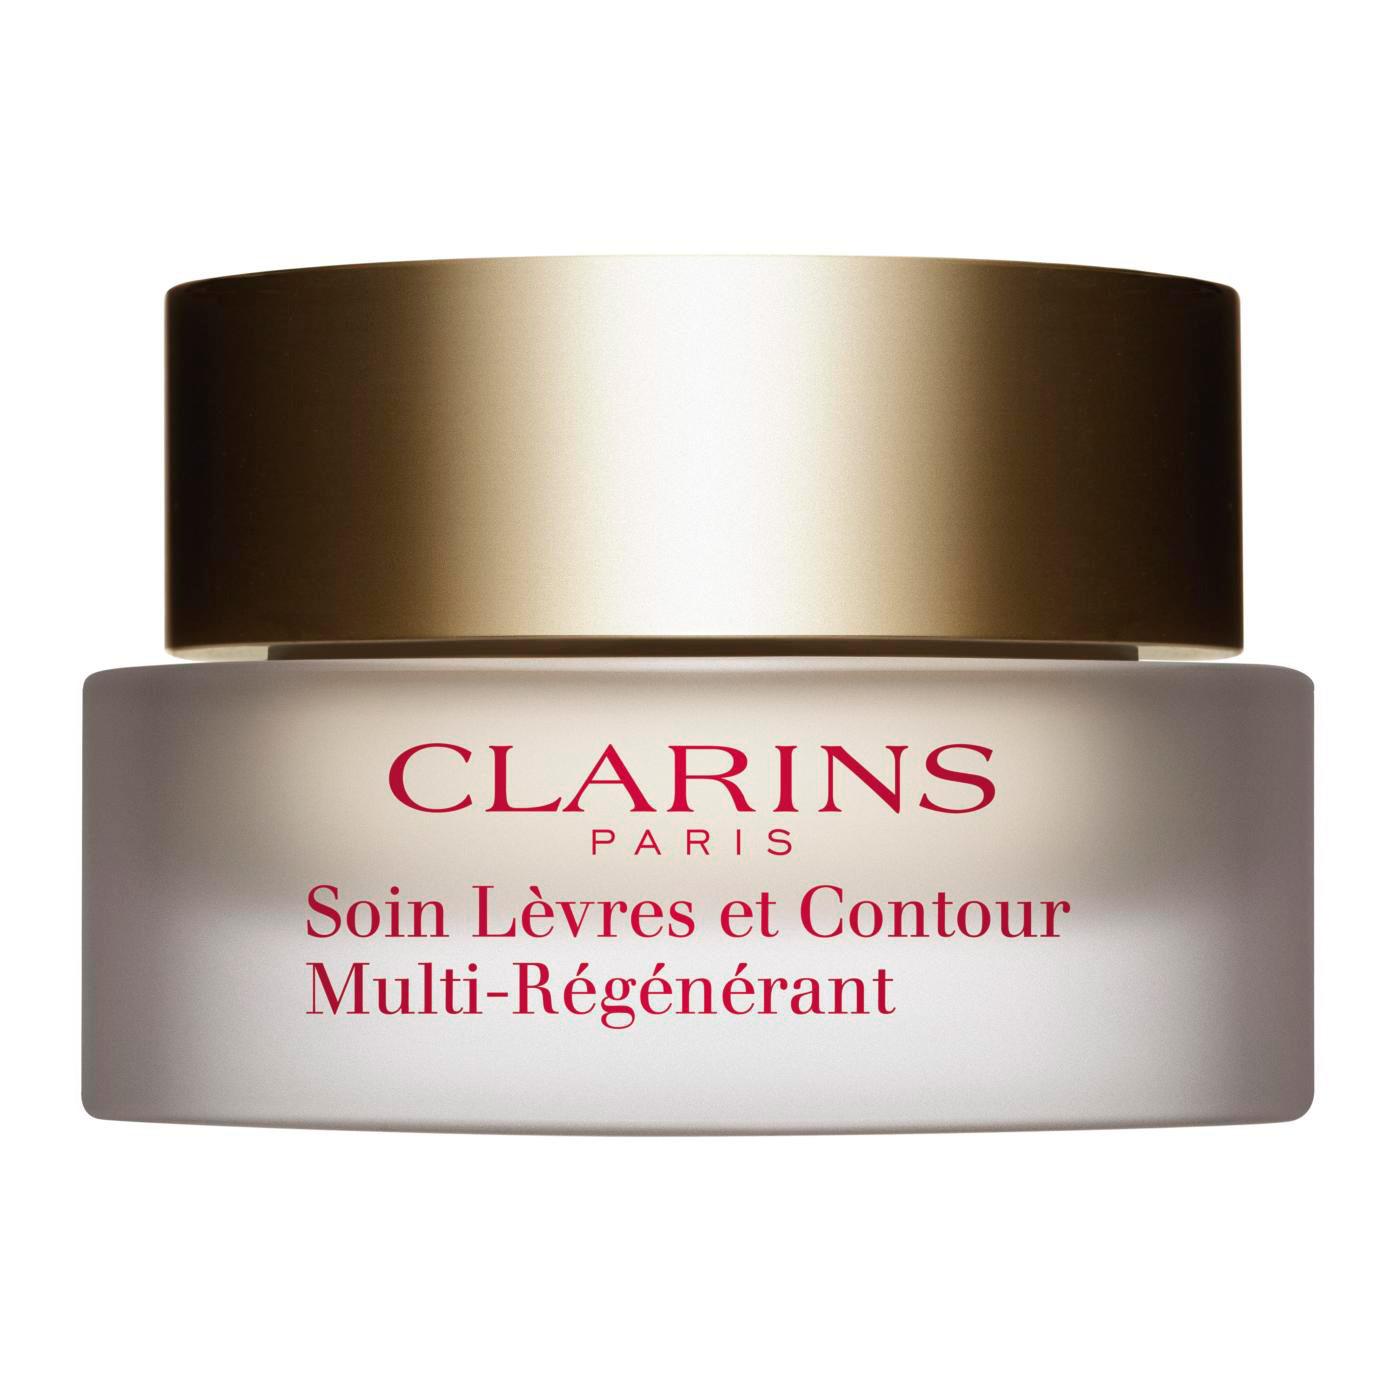 Clarins Soin Levres et Contour Multi Regenerant 15 ml